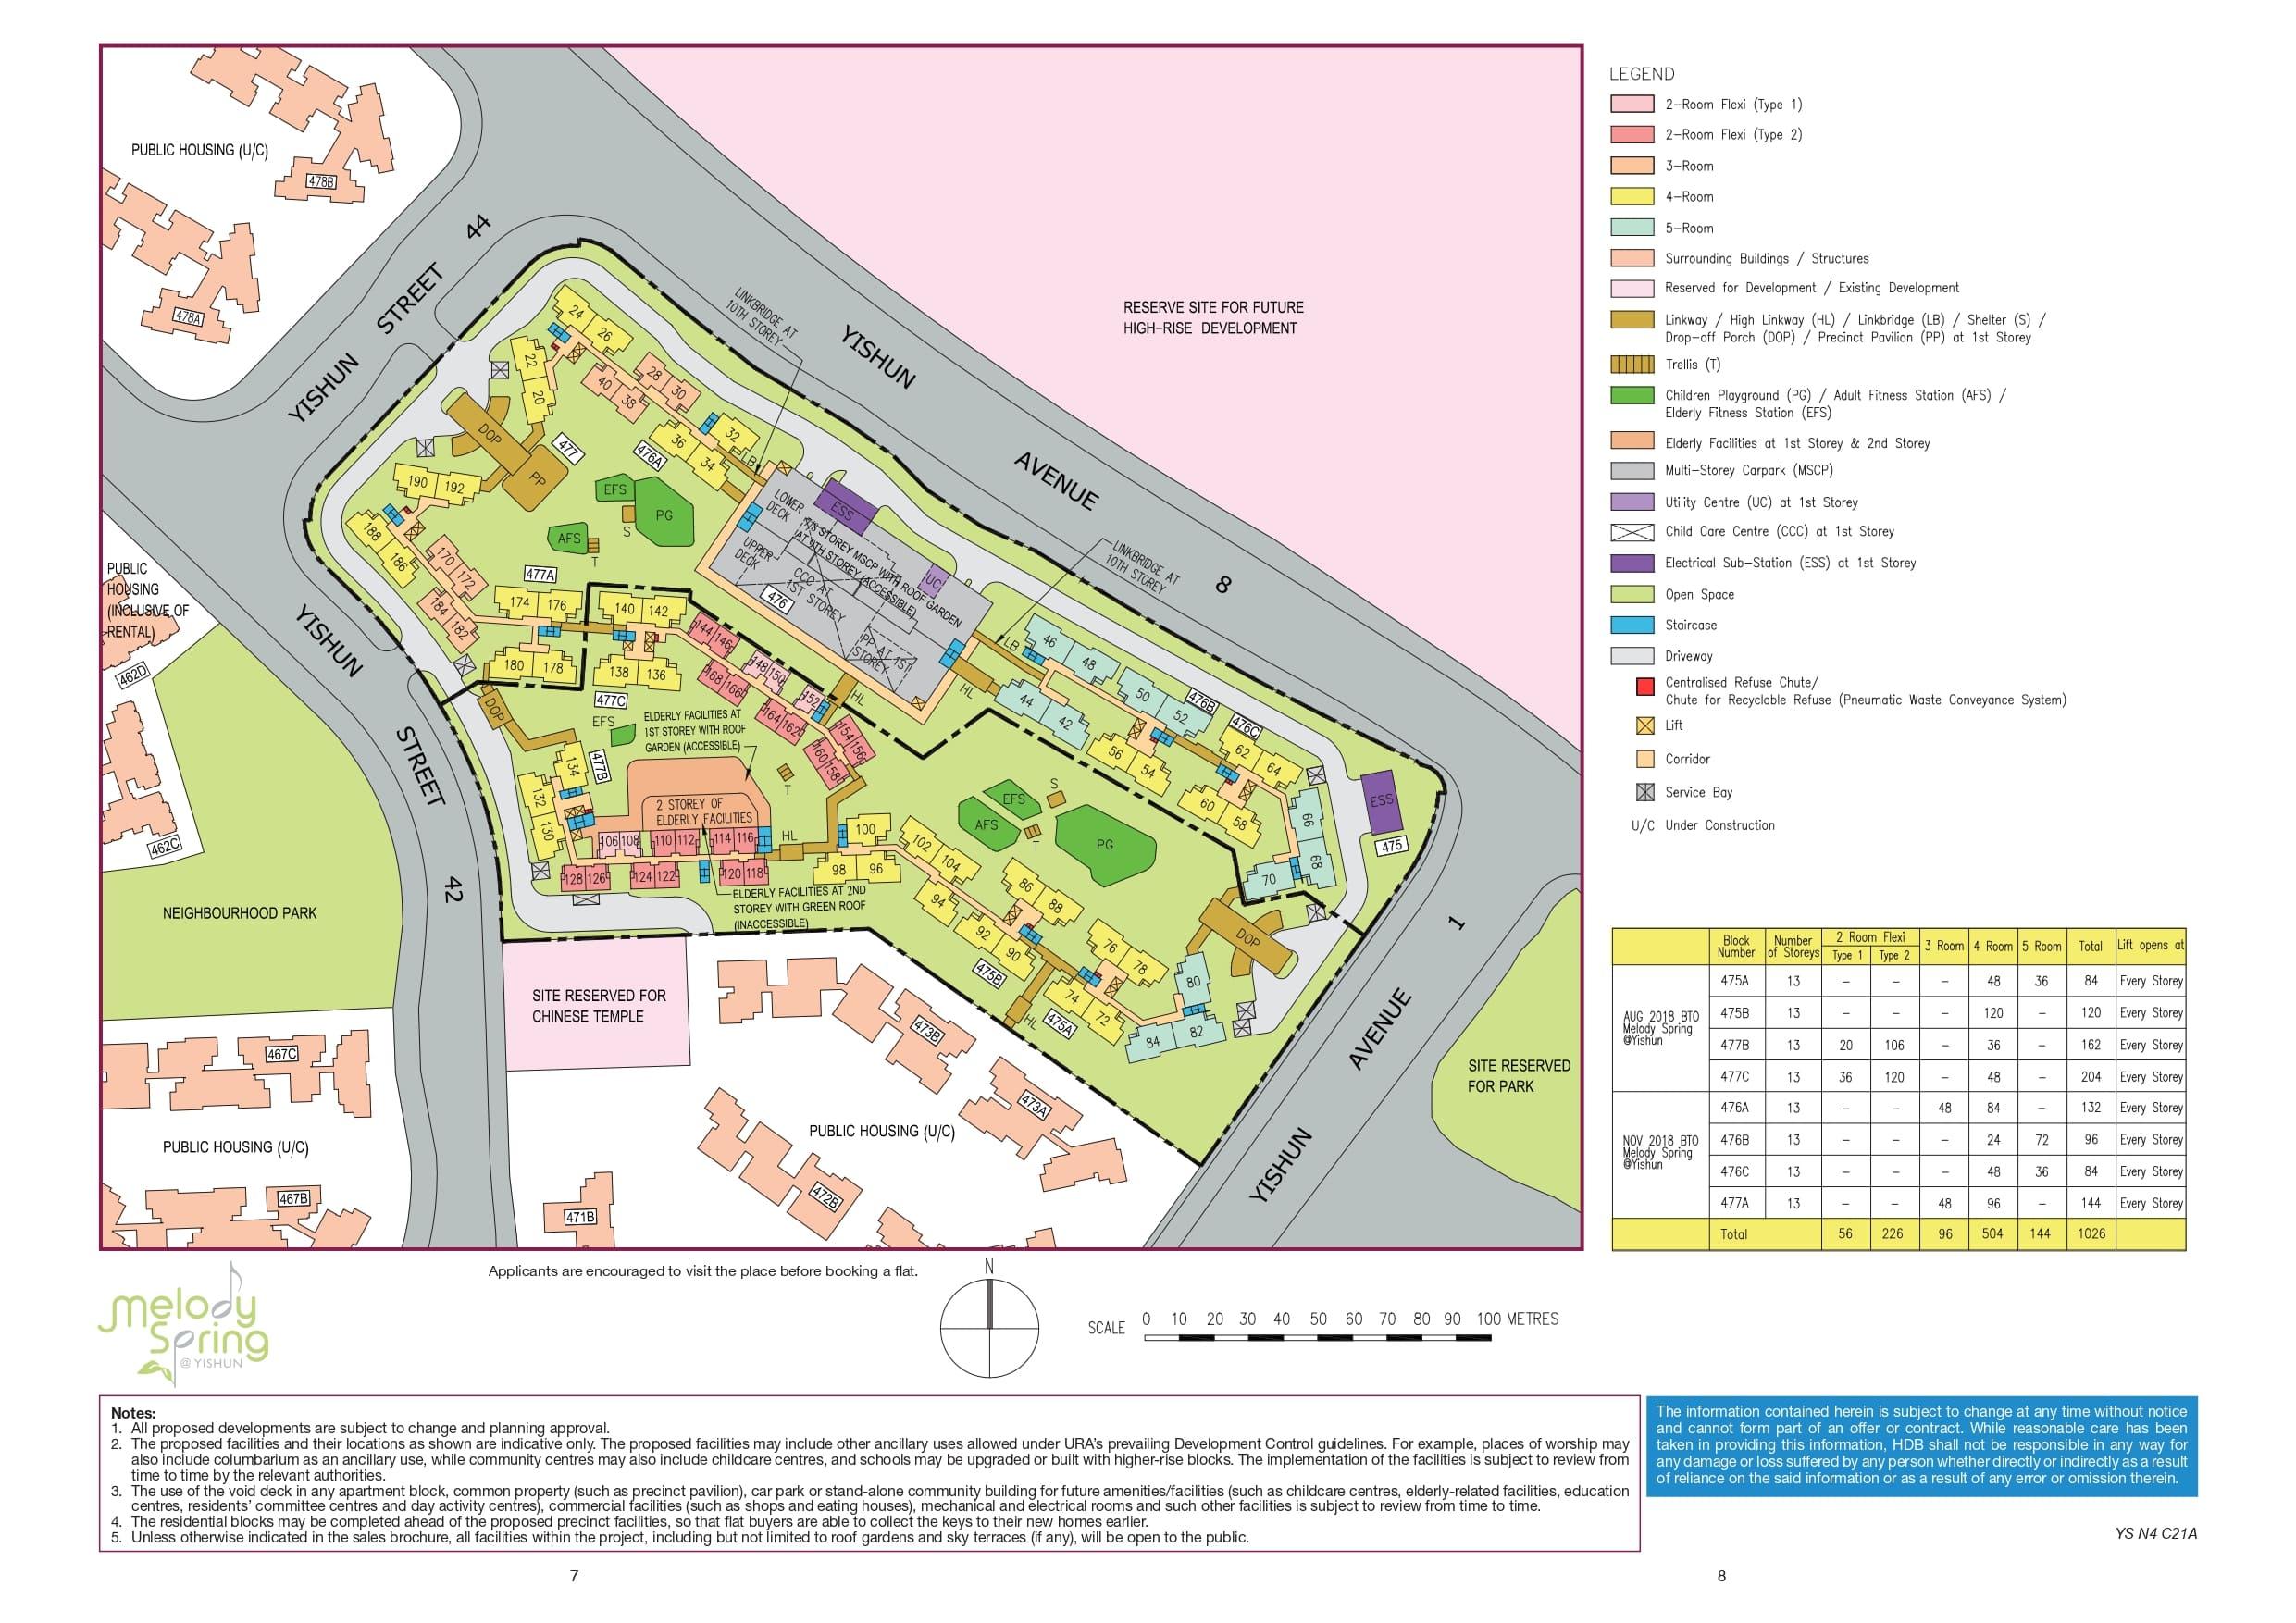 Melody Spring @ Yishun P2 Site Plan